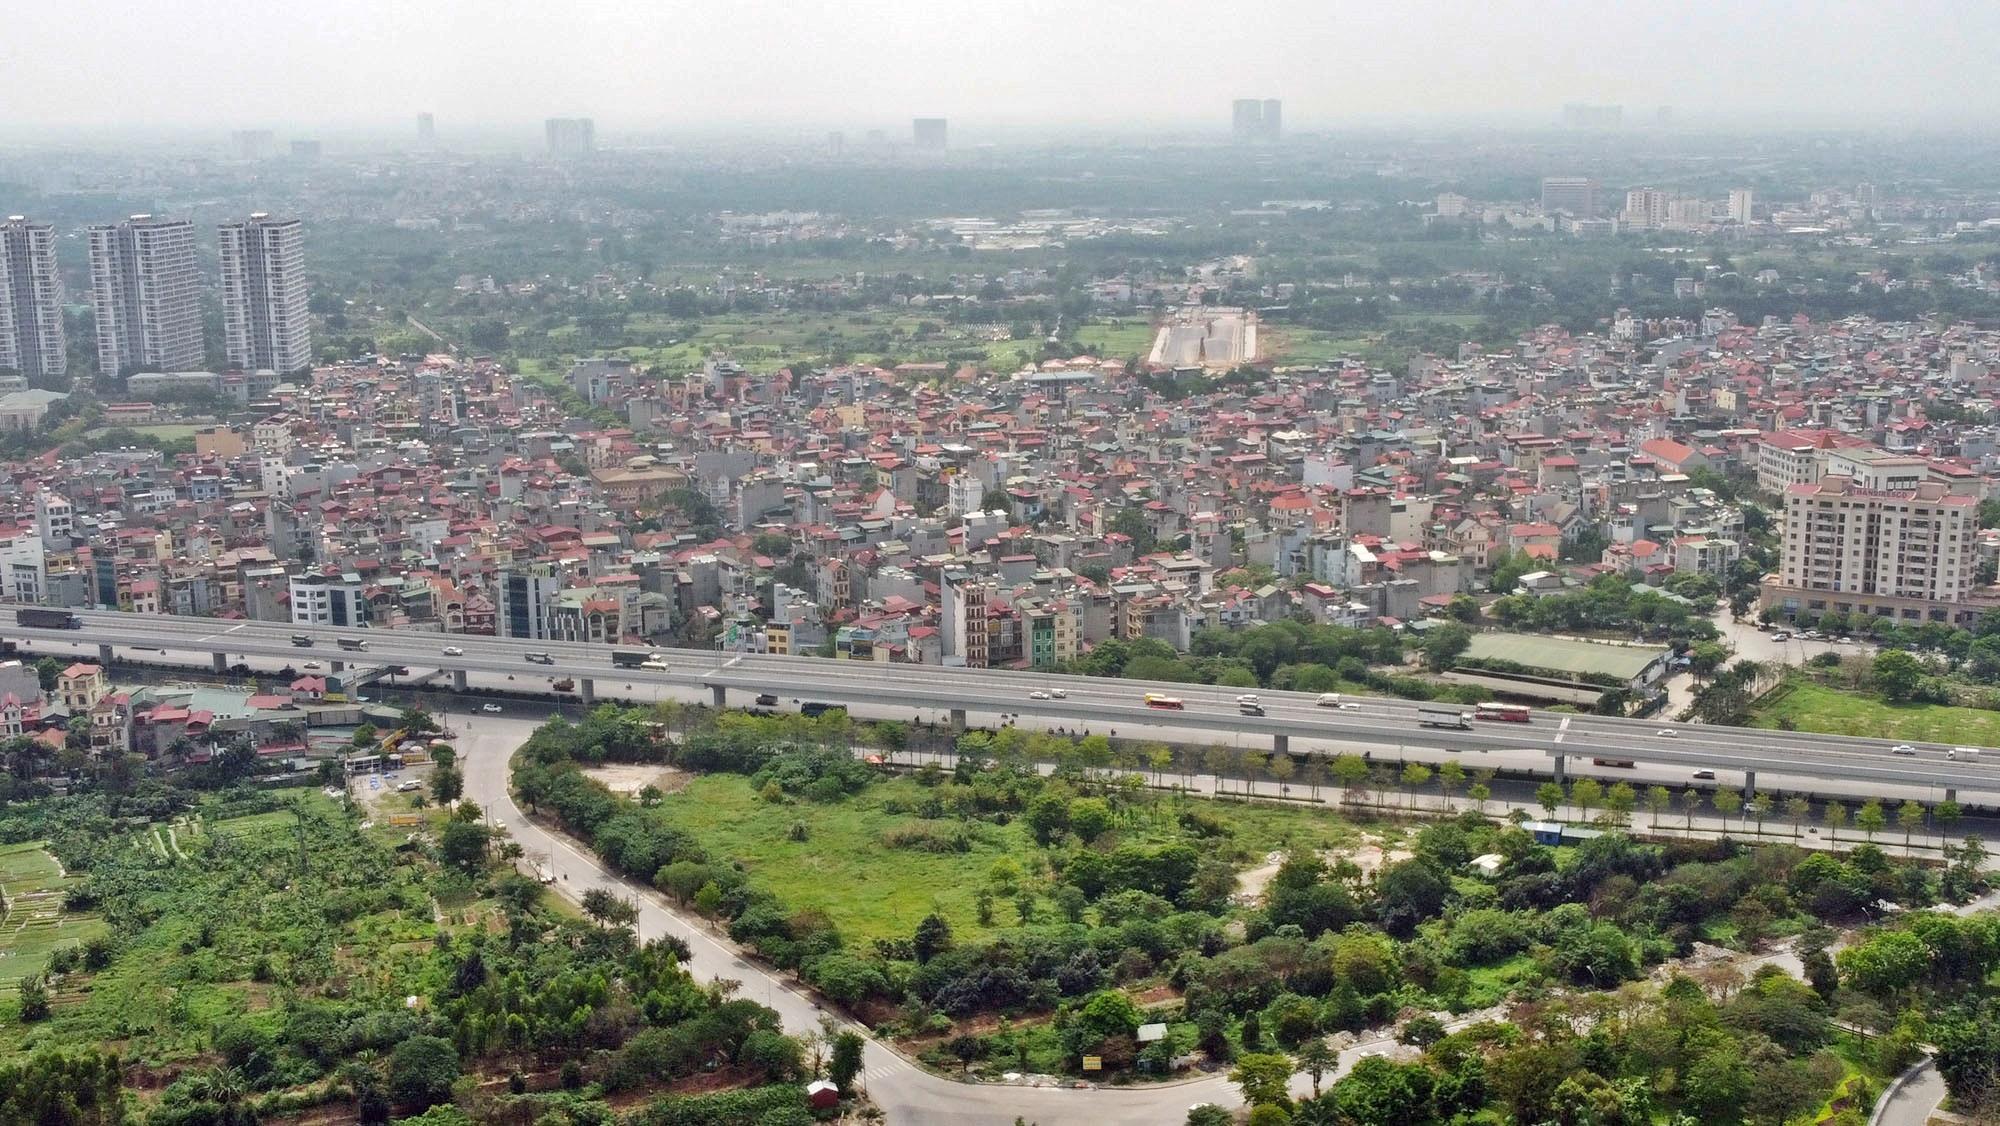 Toàn cảnh đường Tây Thăng Long đang mở theo quy hoạch ở Hà Nội - Ảnh 17.